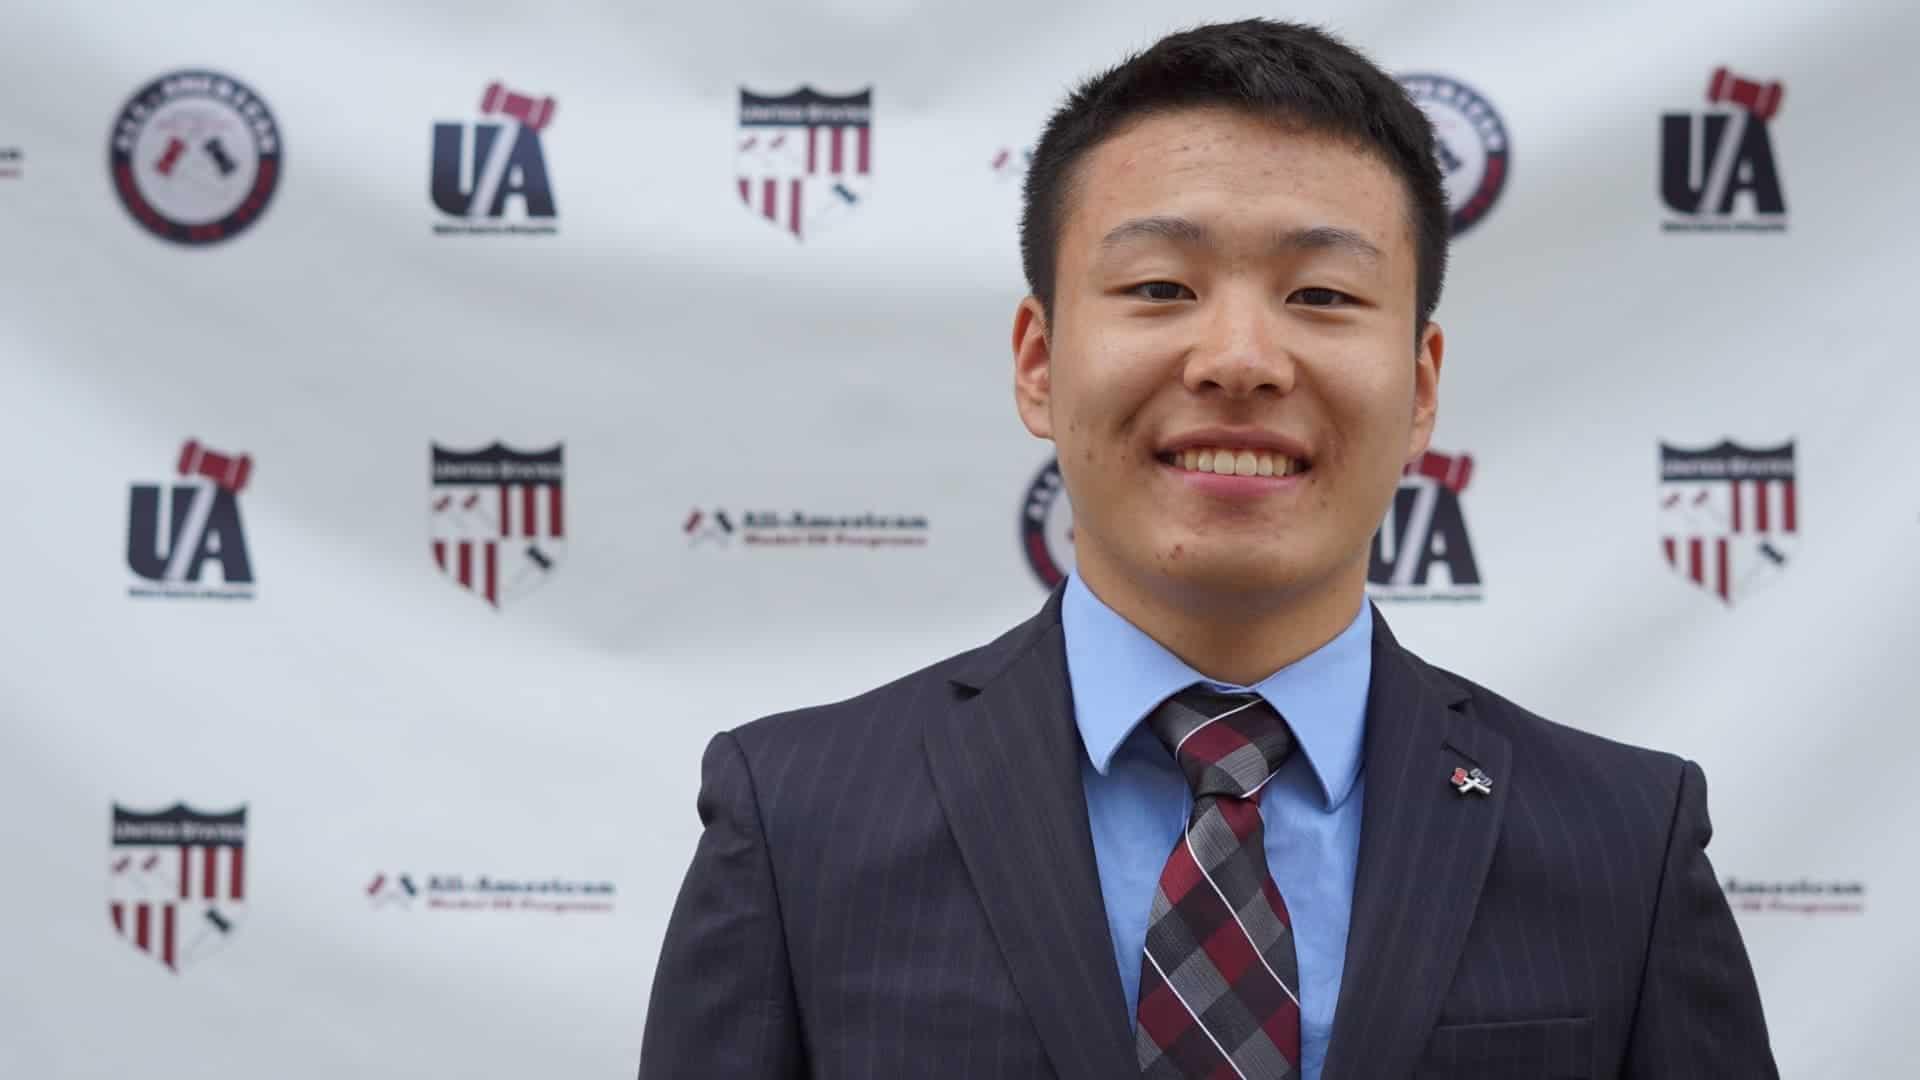 Jeremy Cui